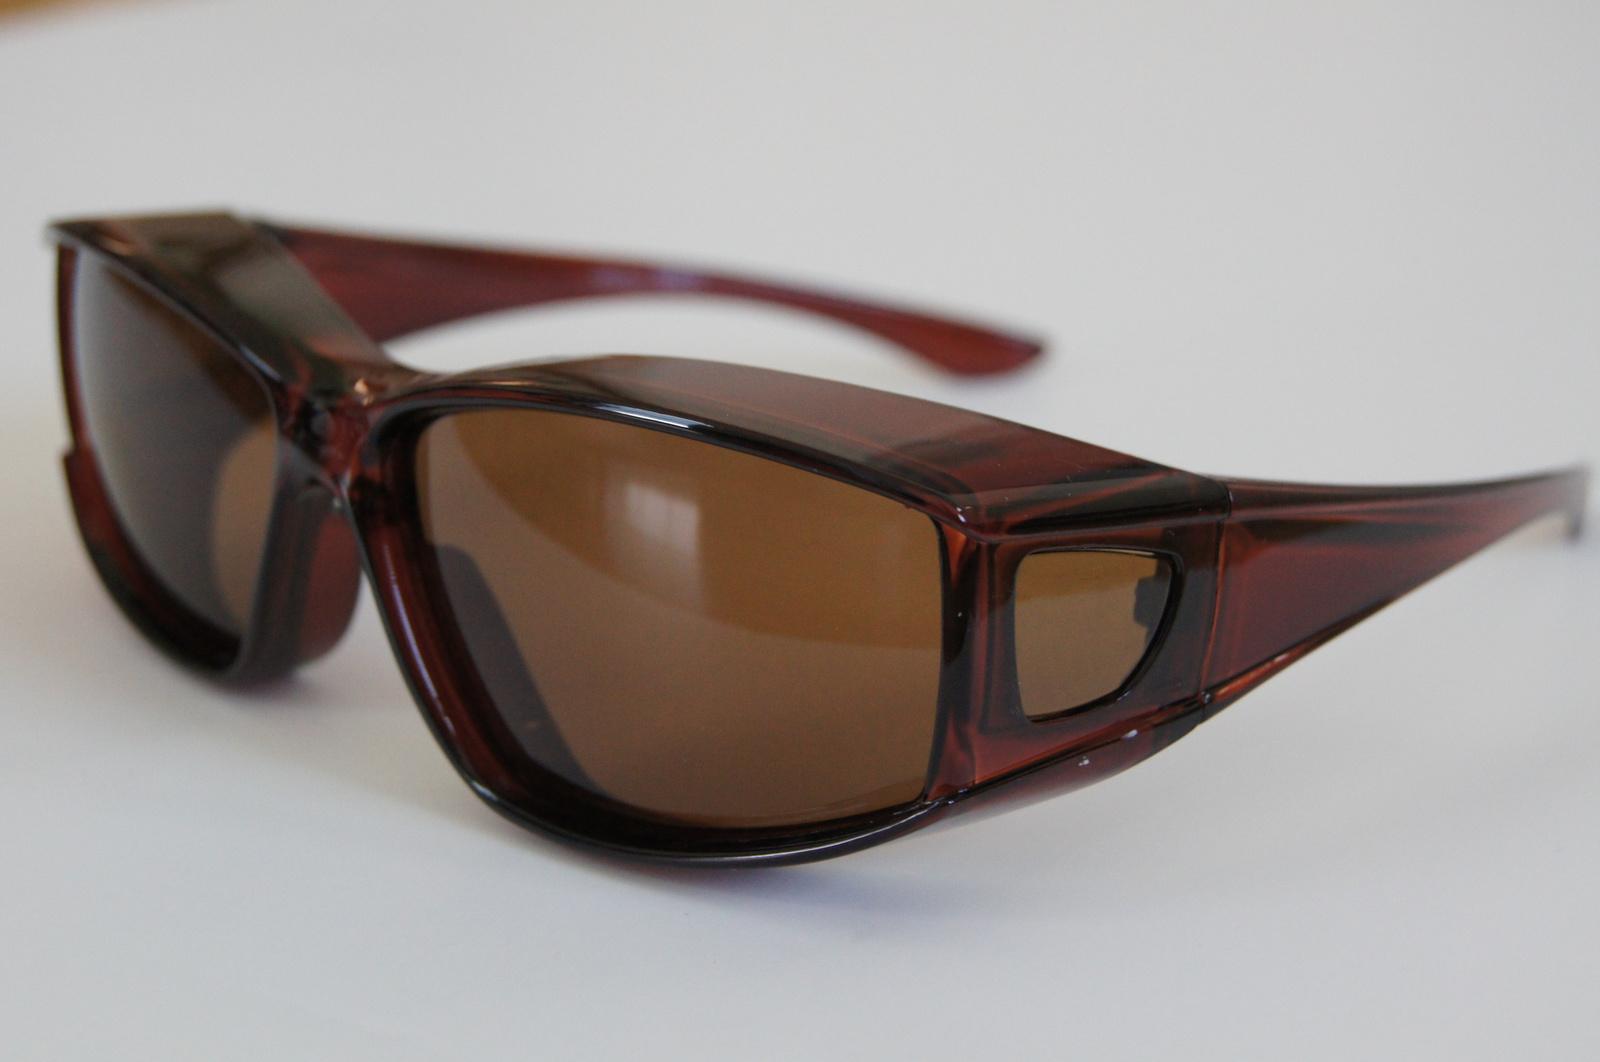 f09a27d320c Polarized Sunglasses Over Prescription Glasses